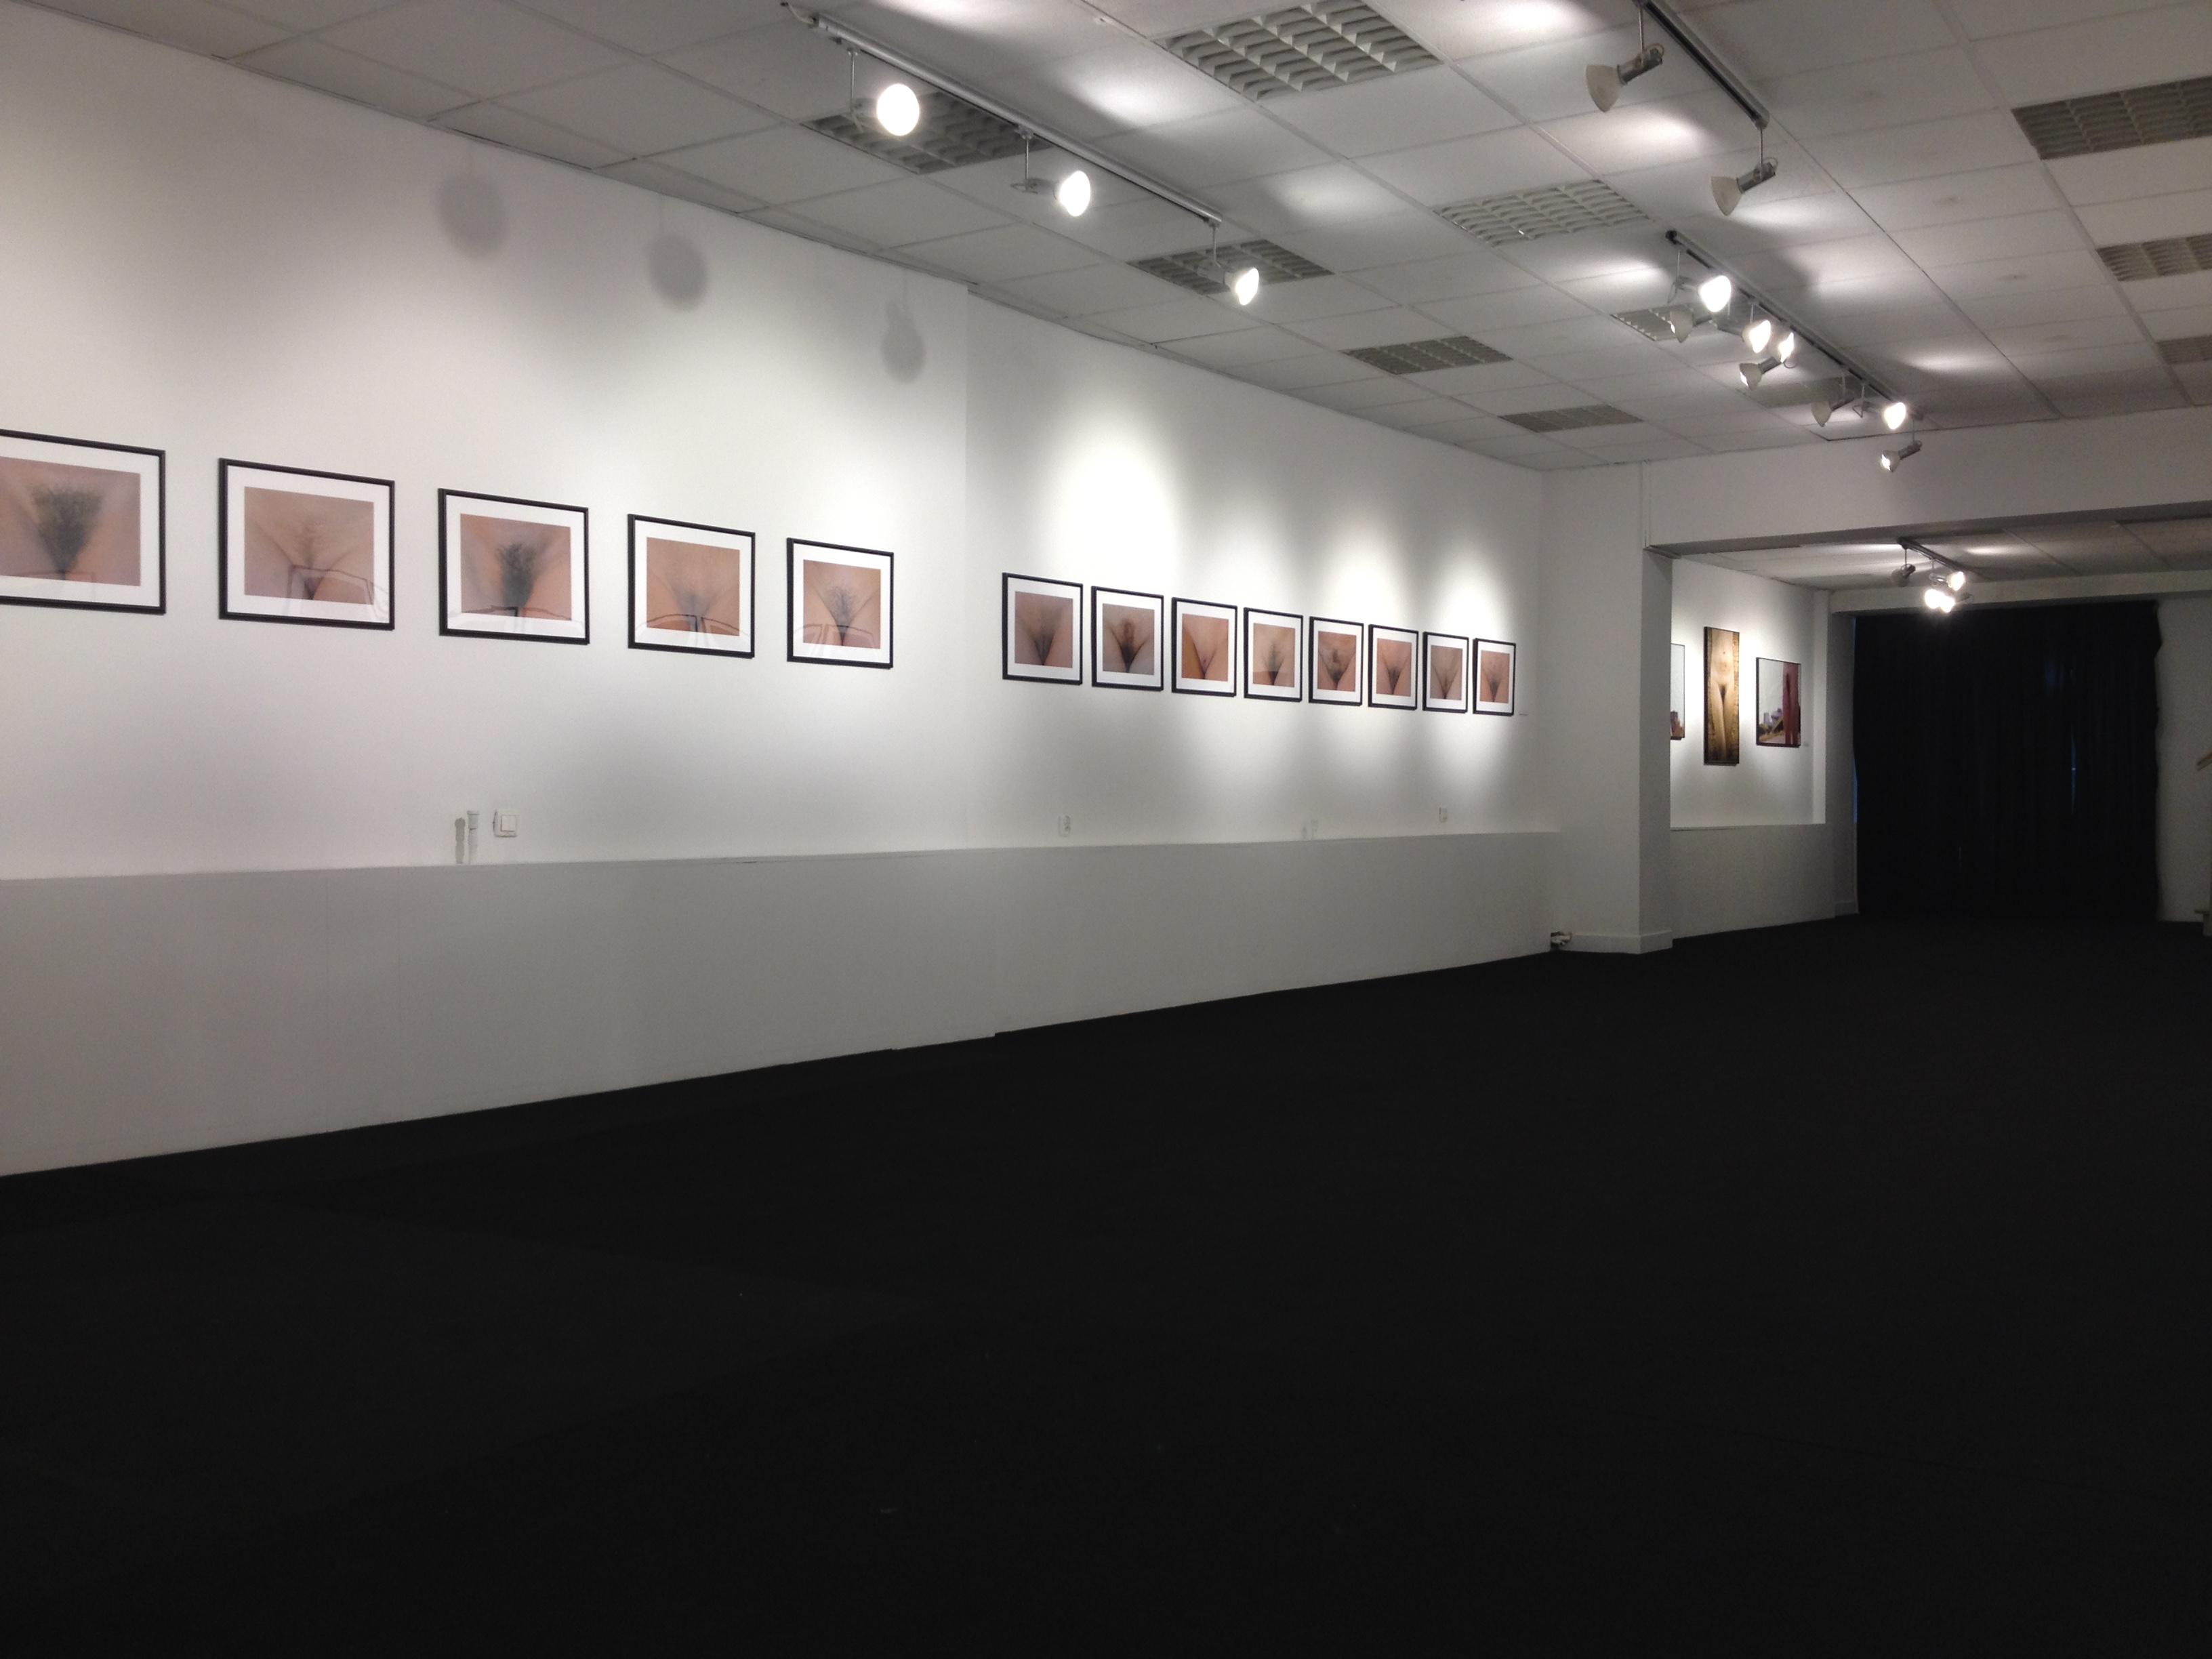 Miasto Ogrodów, Marlena Niestrój, widok ogólny wystawy, 2015, fot. Marlena Niestrój, źródło prywatne